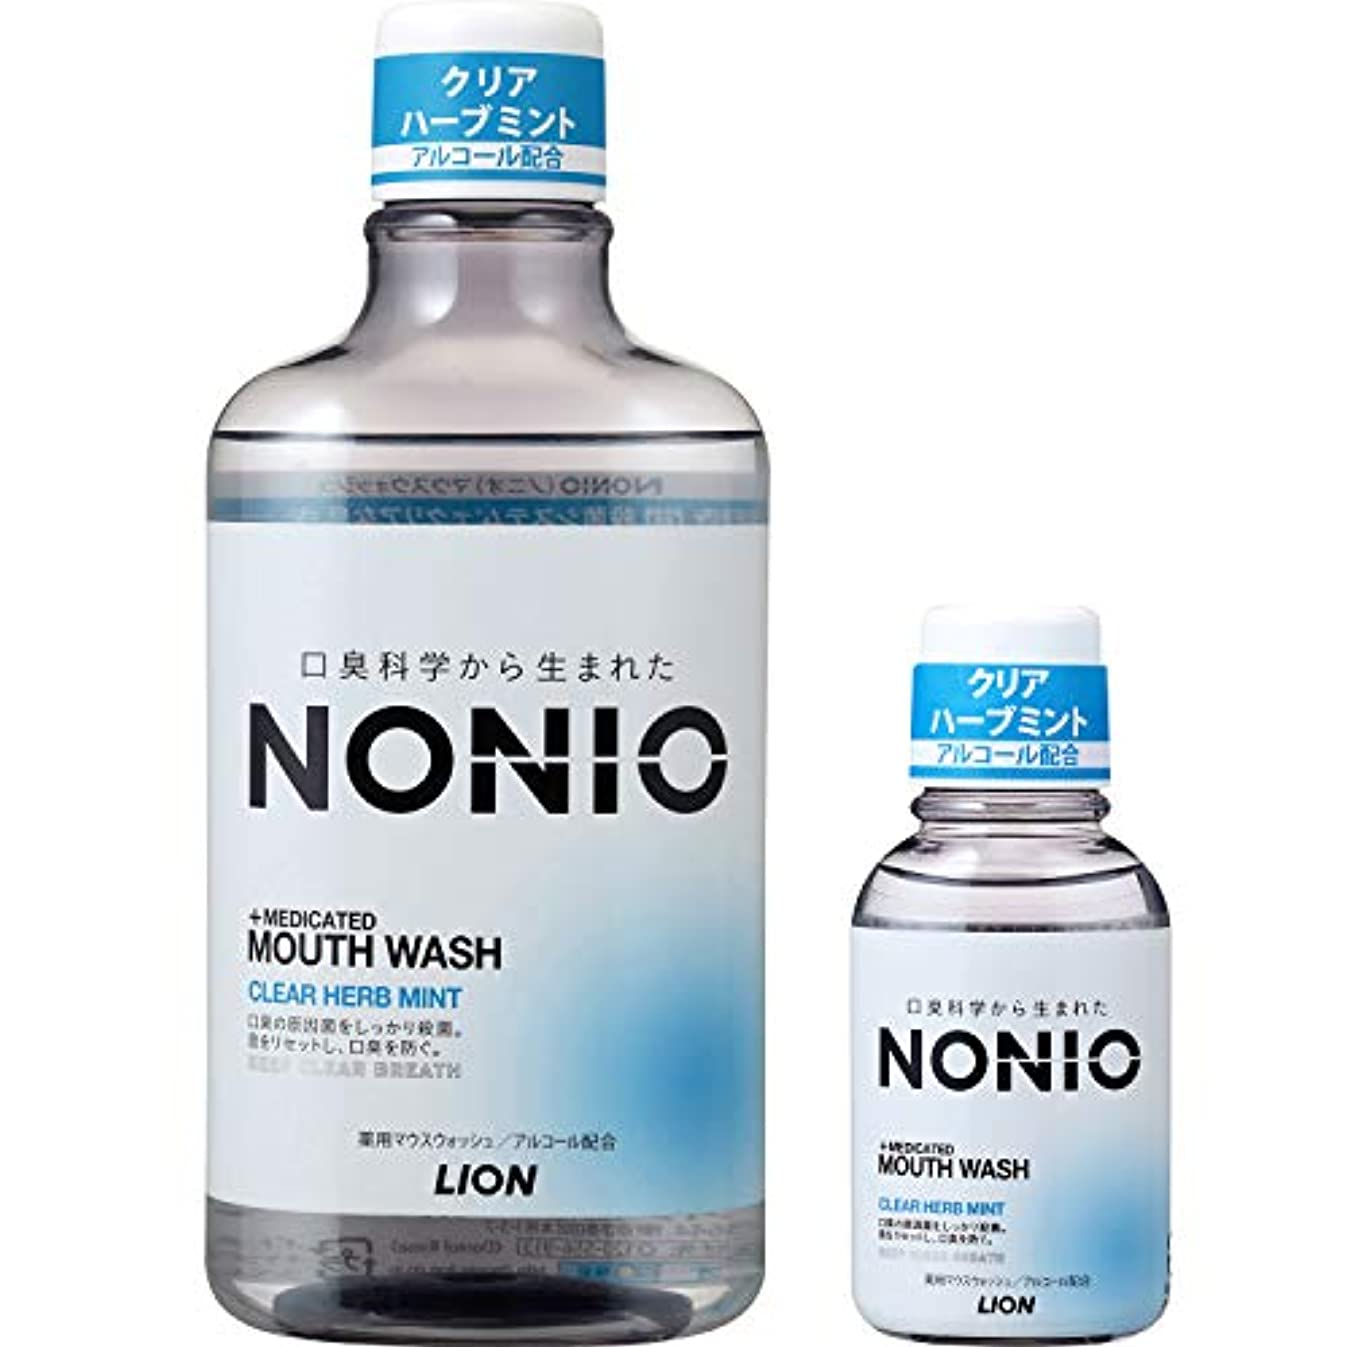 一過性要求アジア[医薬部外品]NONIO マウスウォッシュ クリアハーブミント 600ml 洗口液+ミニリンス80ml